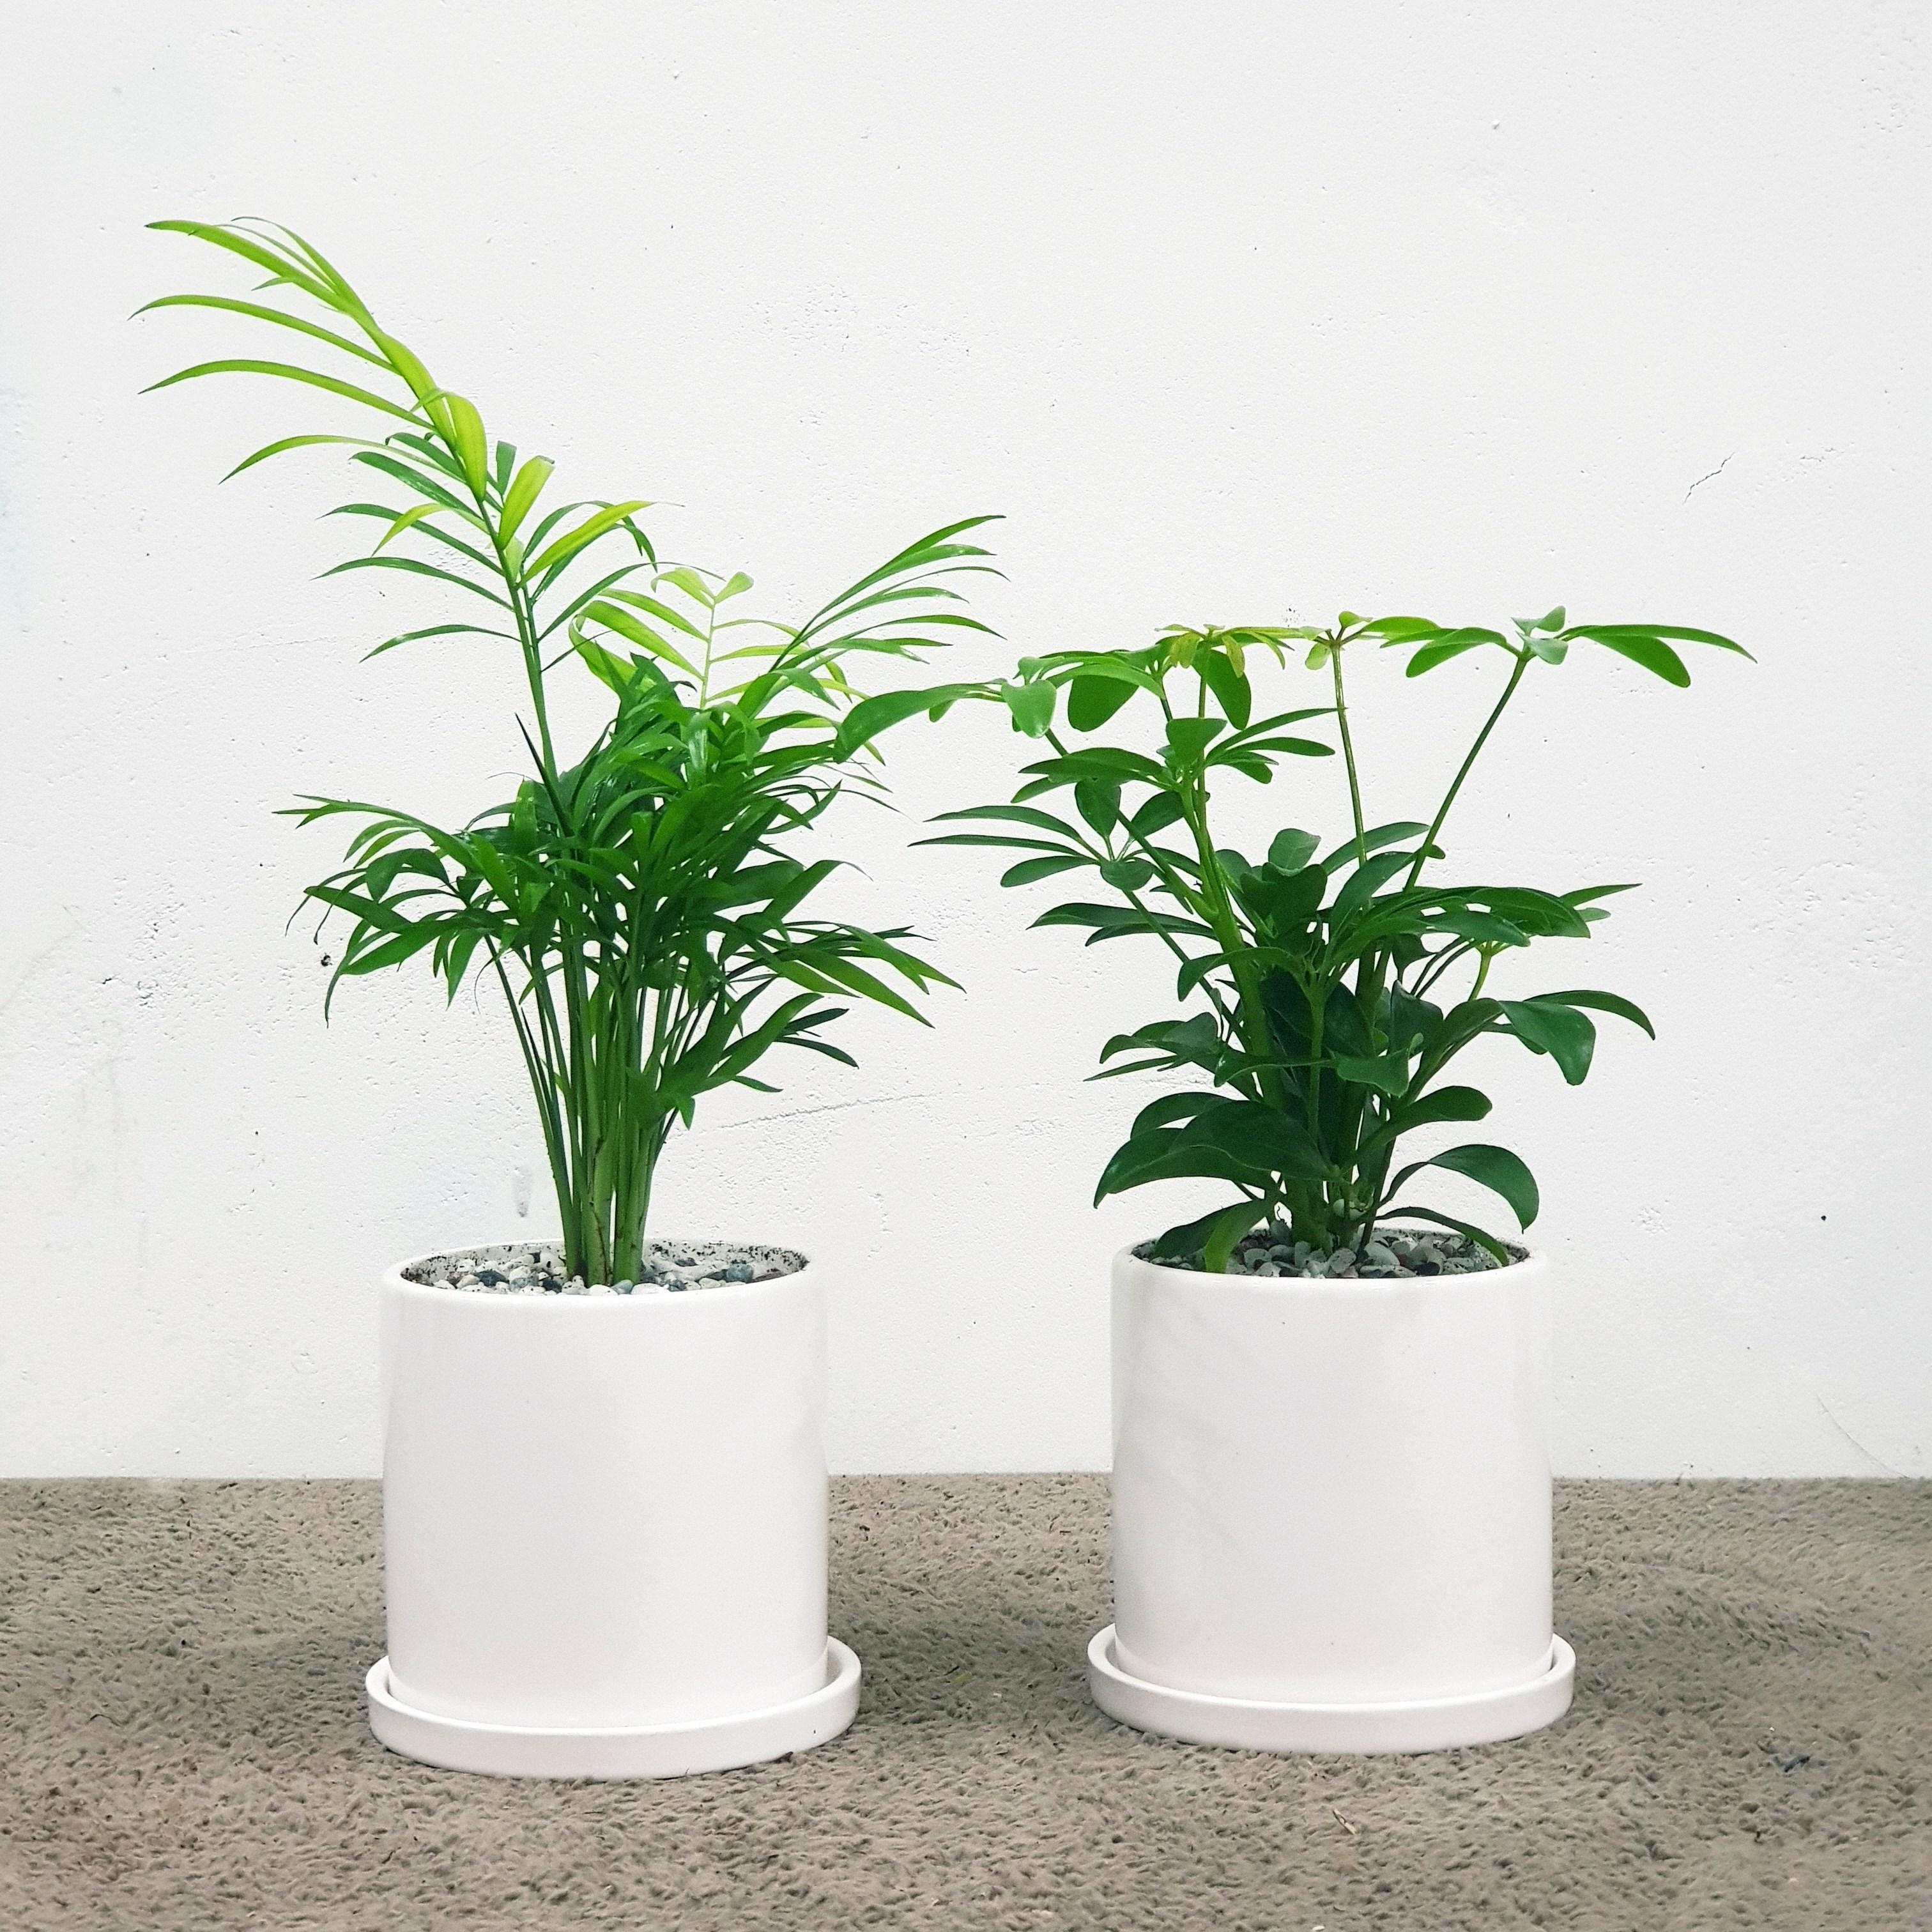 꽃피우는청년 천연가습기 실내공기정화식물 2종 세트 (테이블야자 홍콩야자), 유광 원형 화이트